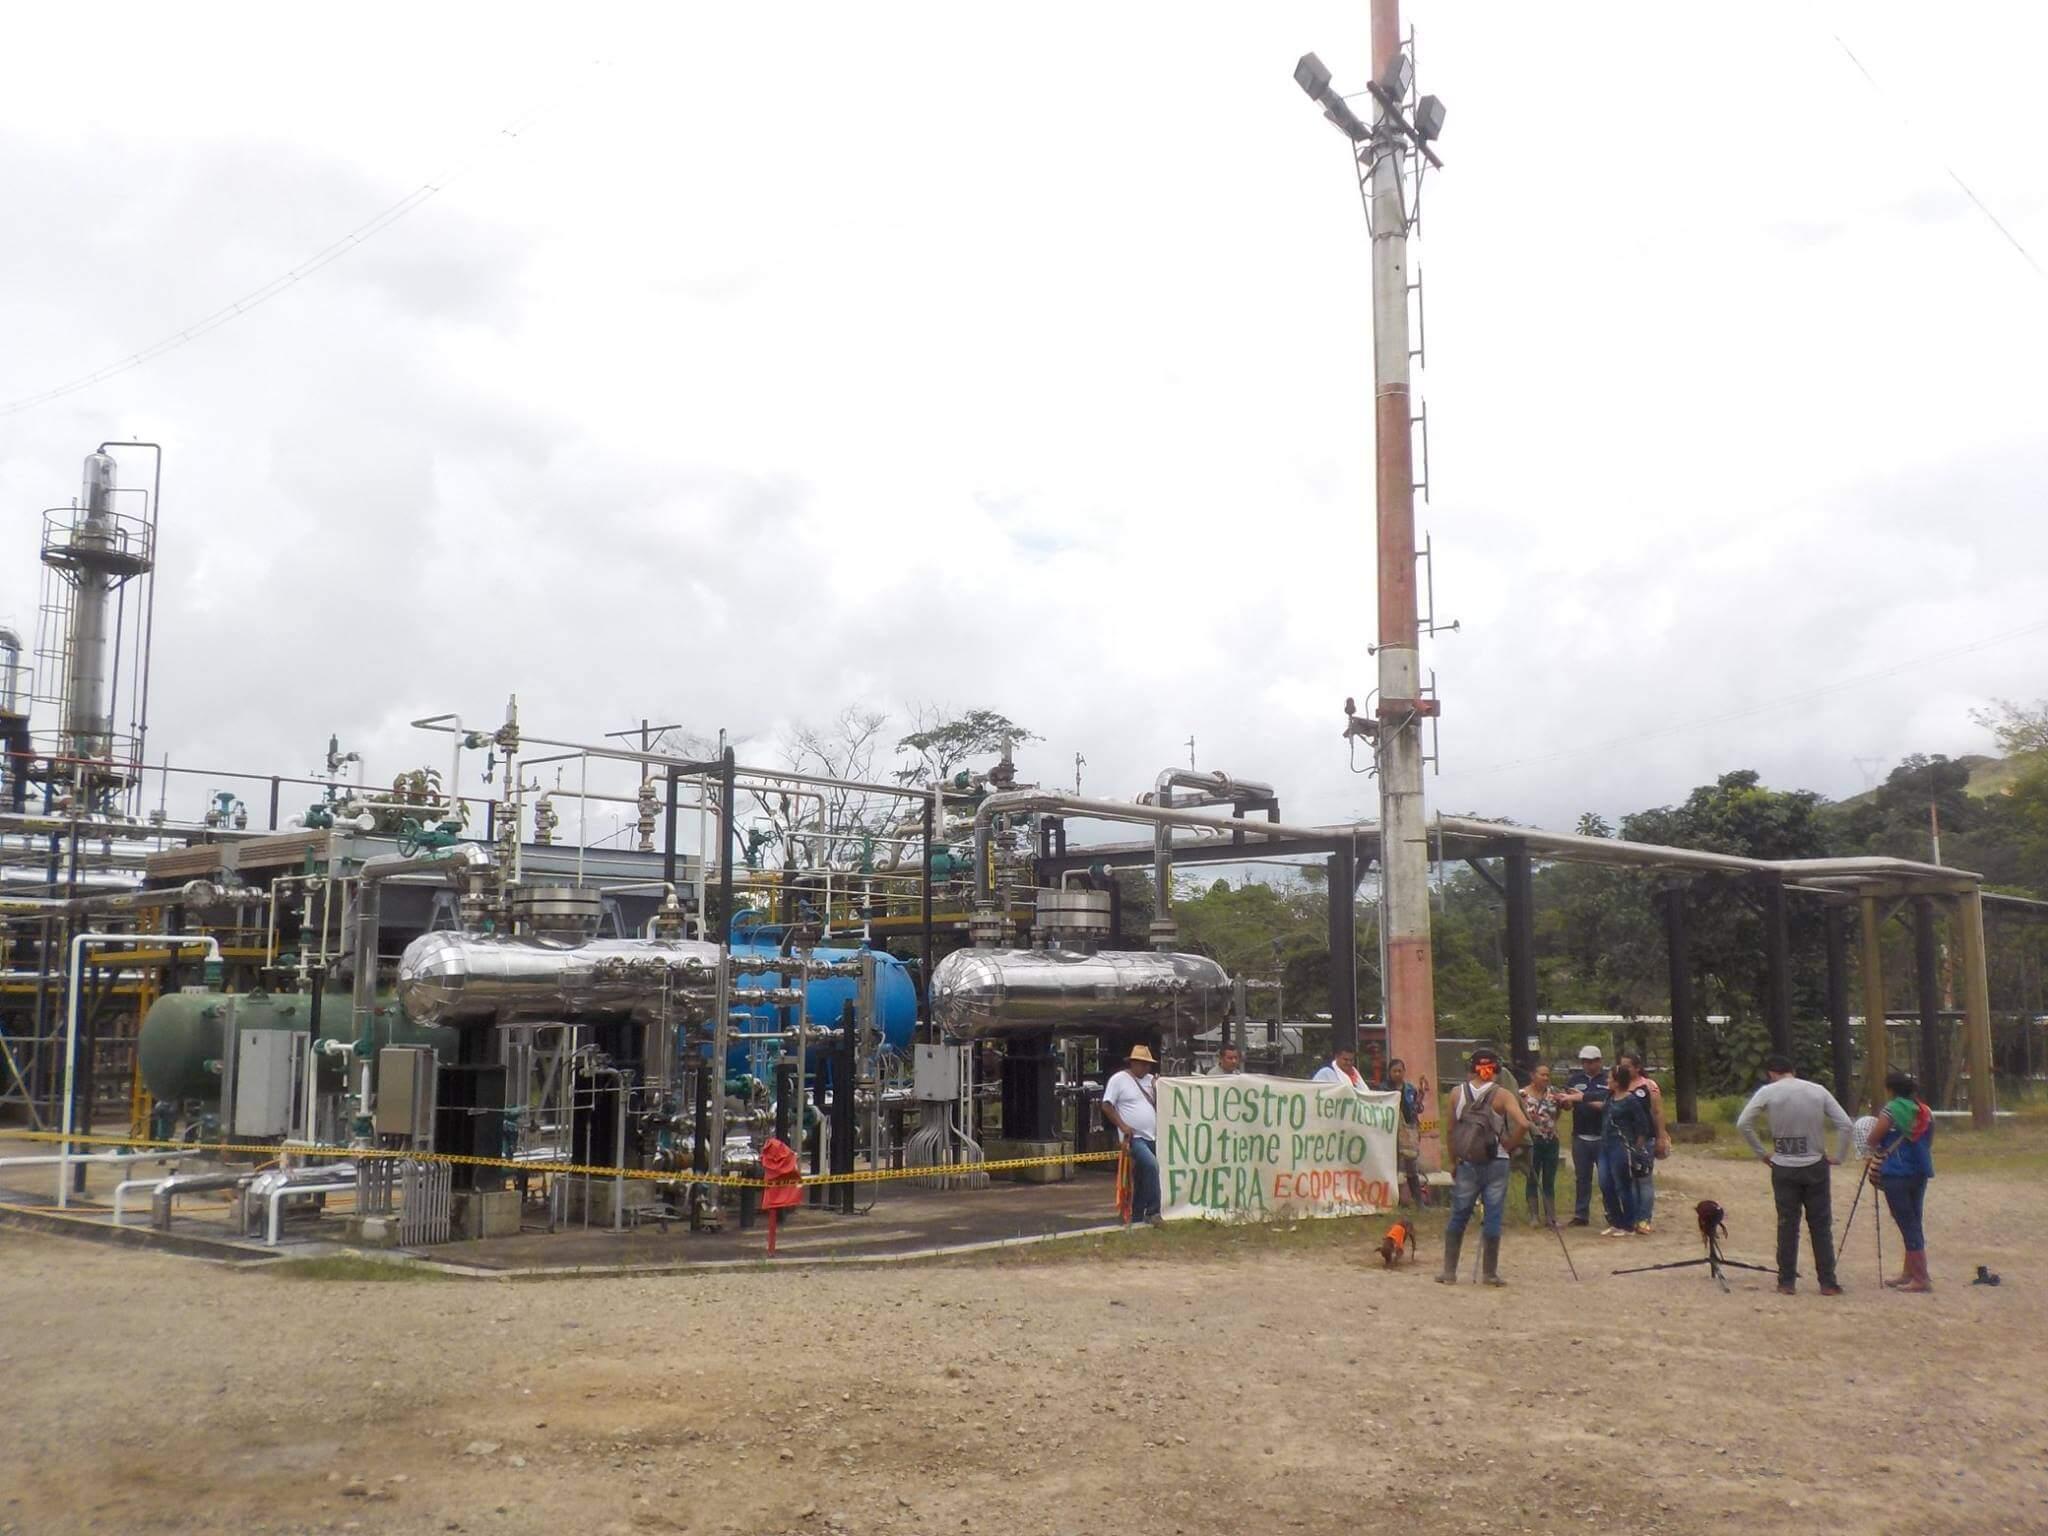 El acuerdo entre el Gobierno y los U'wa para levantar la toma de una planta de Ecopetrol